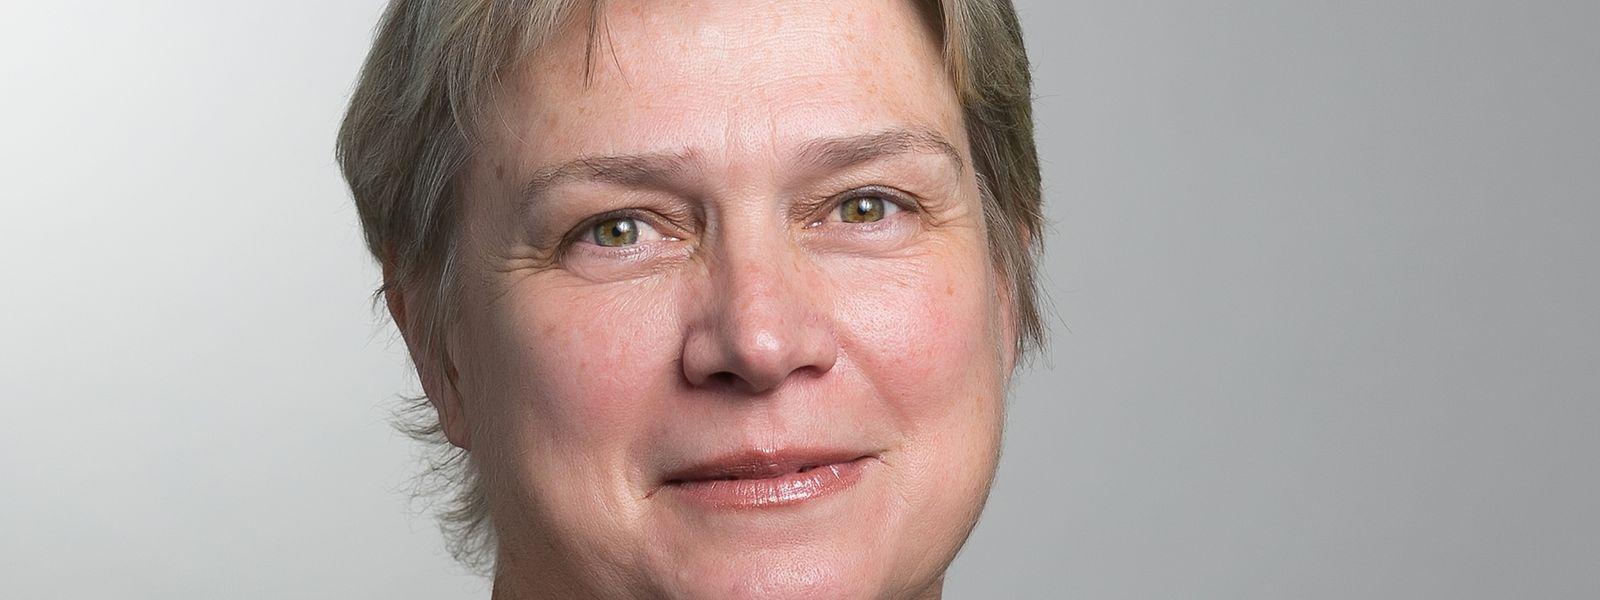 Hjoerdis Stahl ist seit 2013 Direktorin von Post Courrier und seit 2016 Mitglied des Exekutivkomitees.